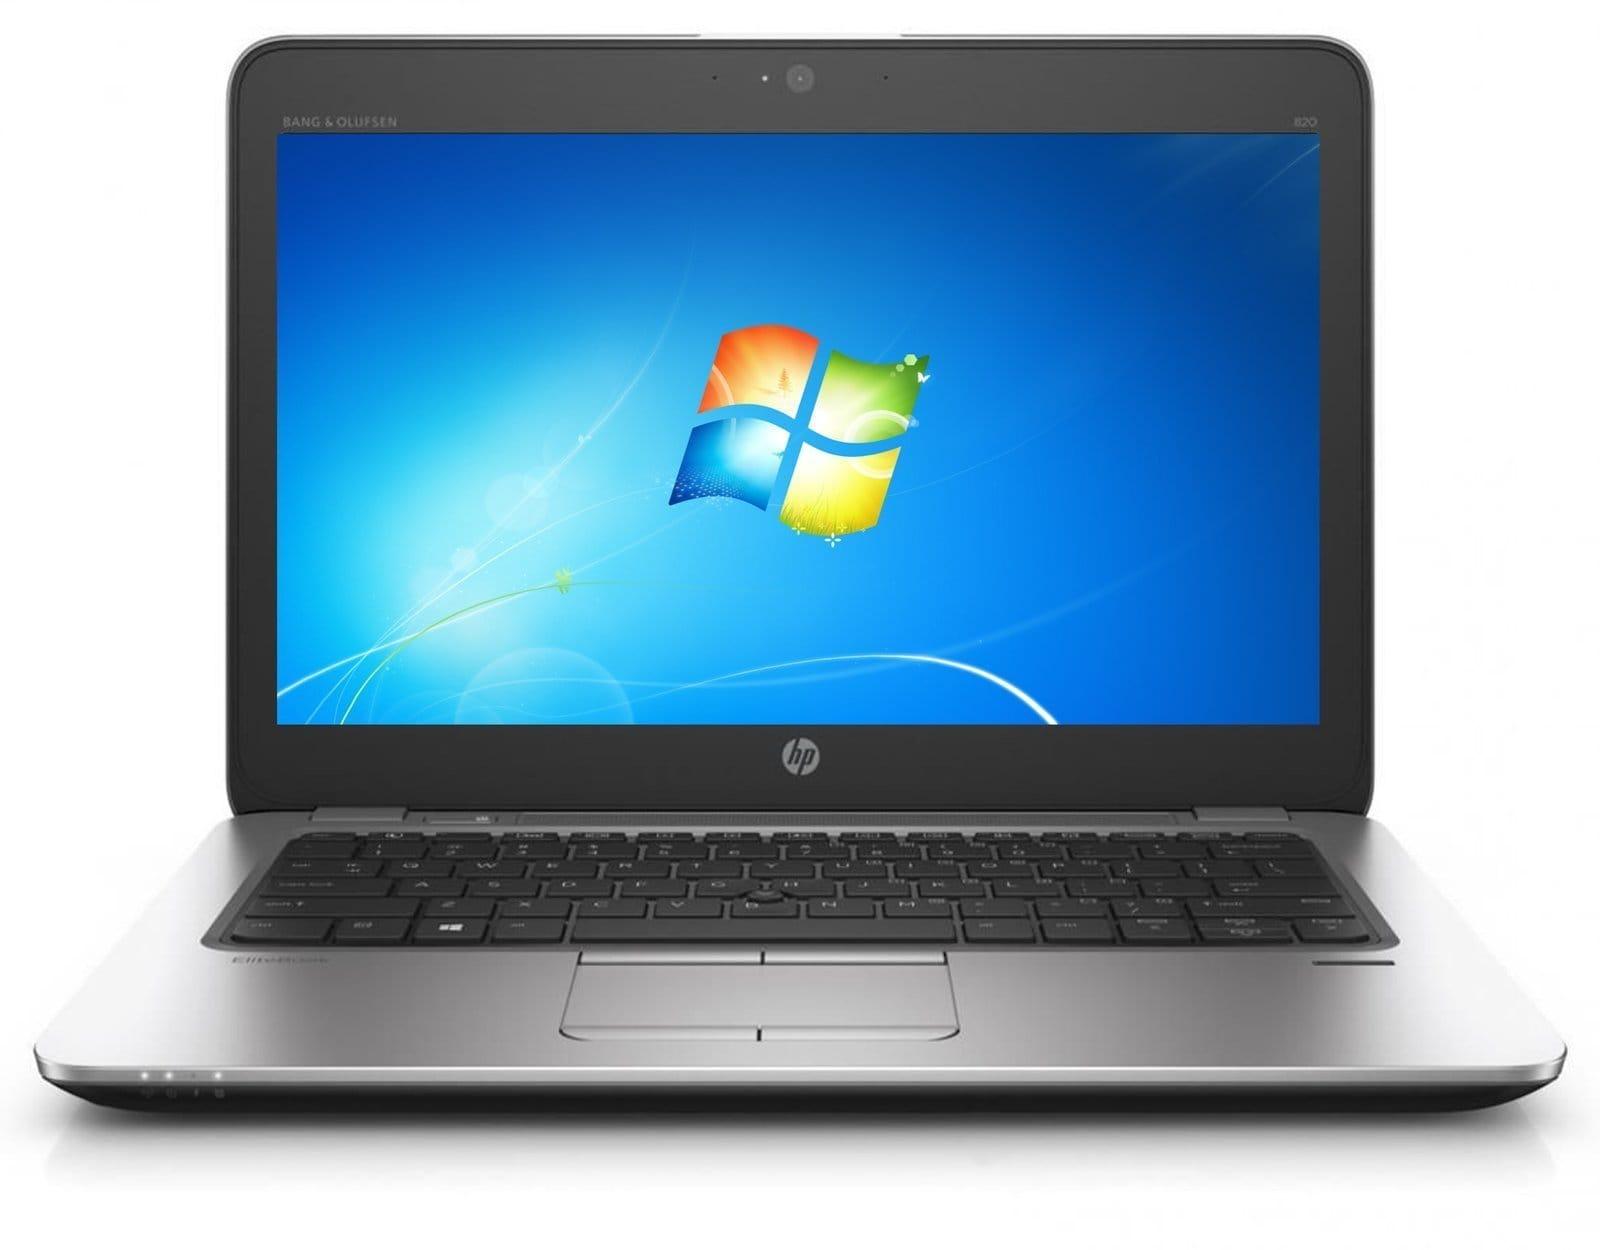 Laptop HP EliteBook 840 G3 i7 - 6 generacji / 16 GB / 240 GB SSD / 14 FullHD DOTYK / Klasa A- - 1